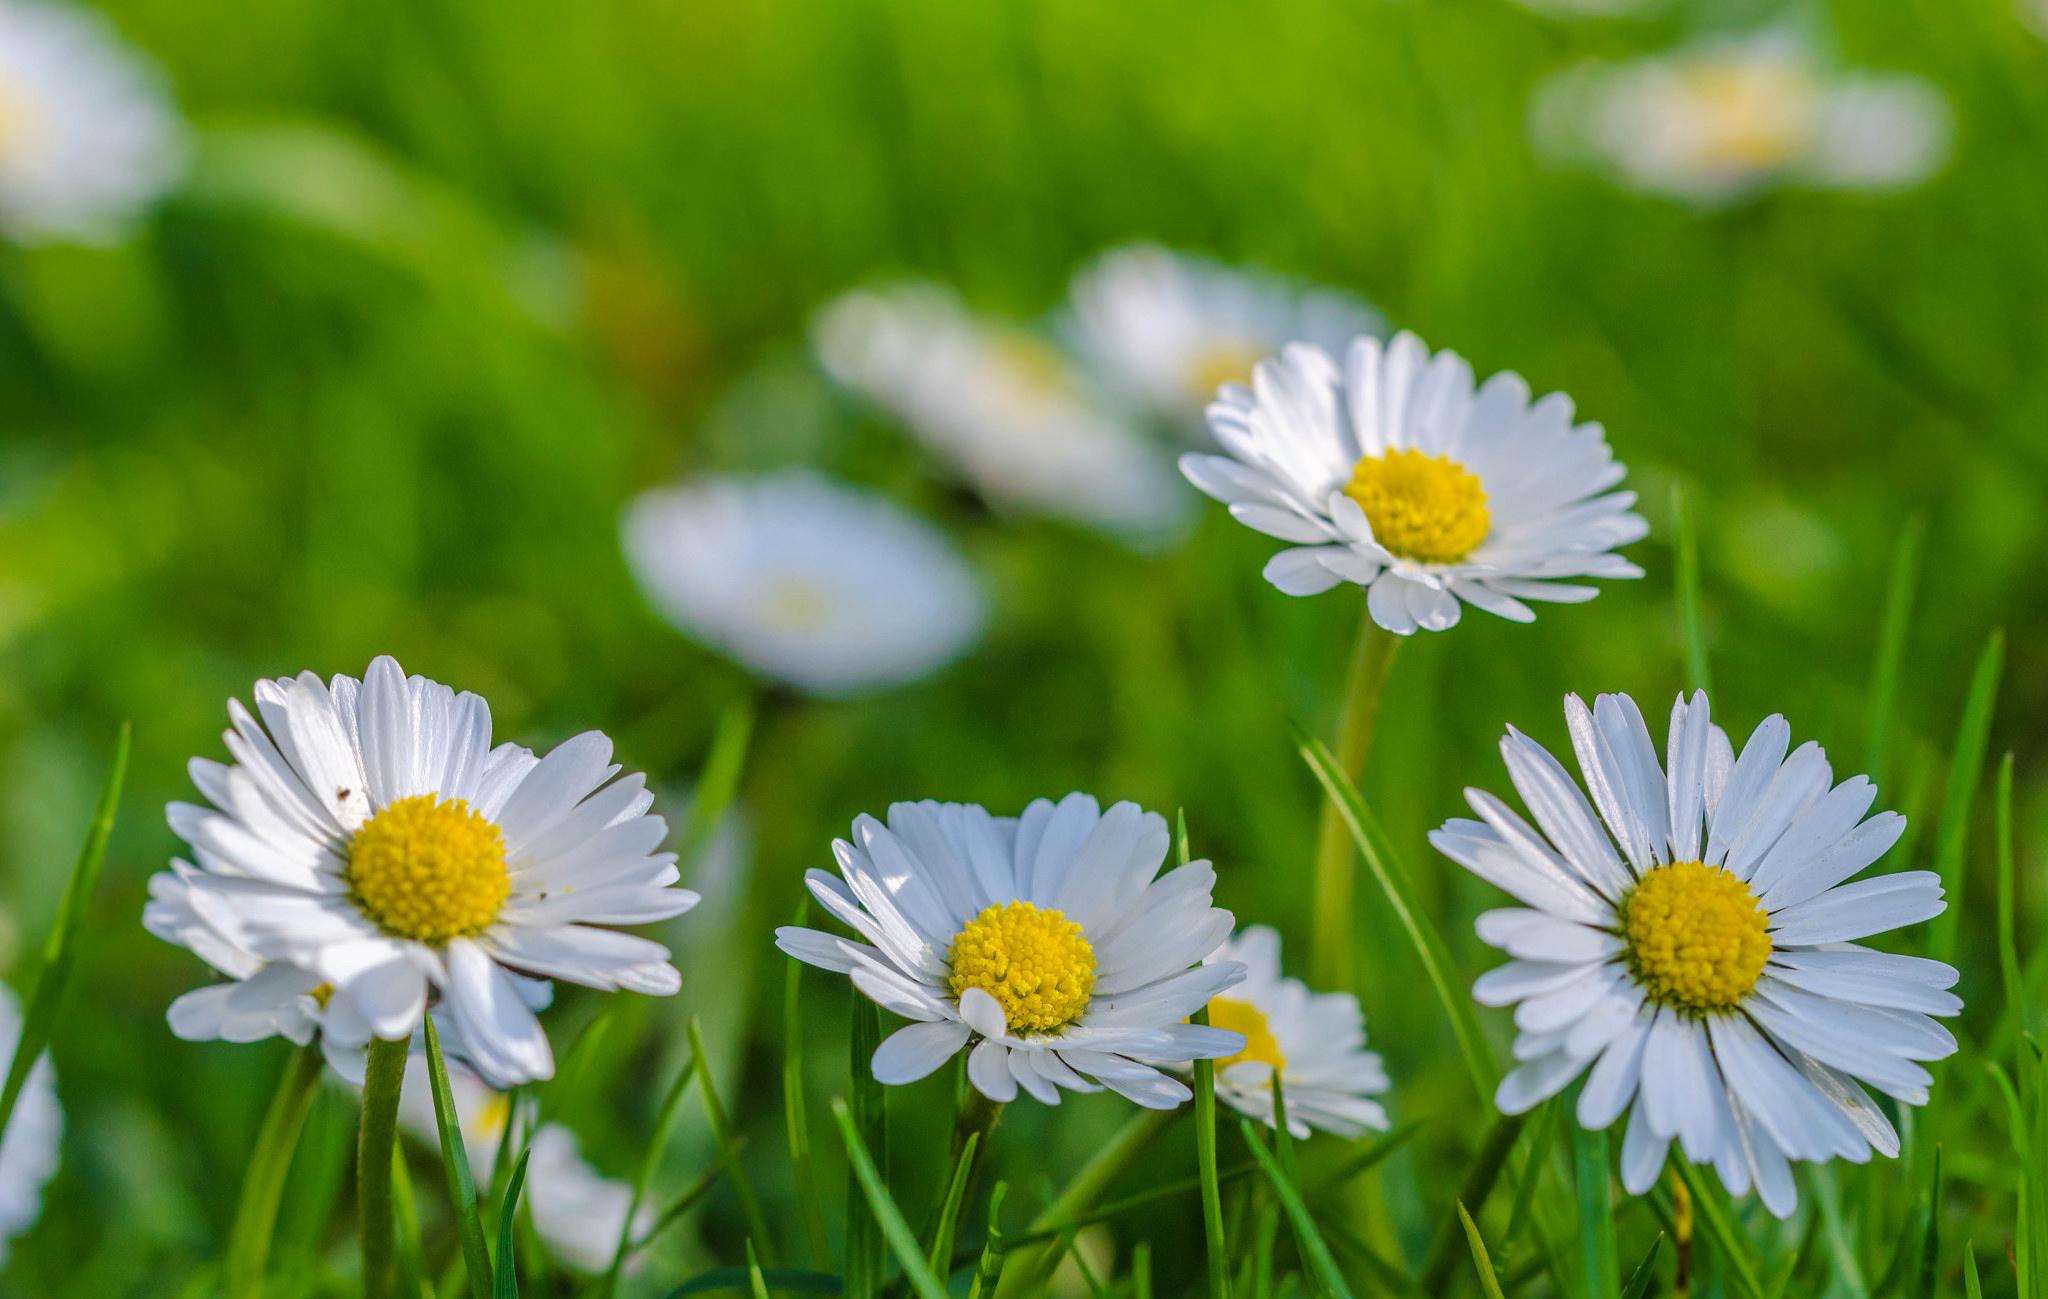 ромашки трава chamomile grass  № 3837847 бесплатно